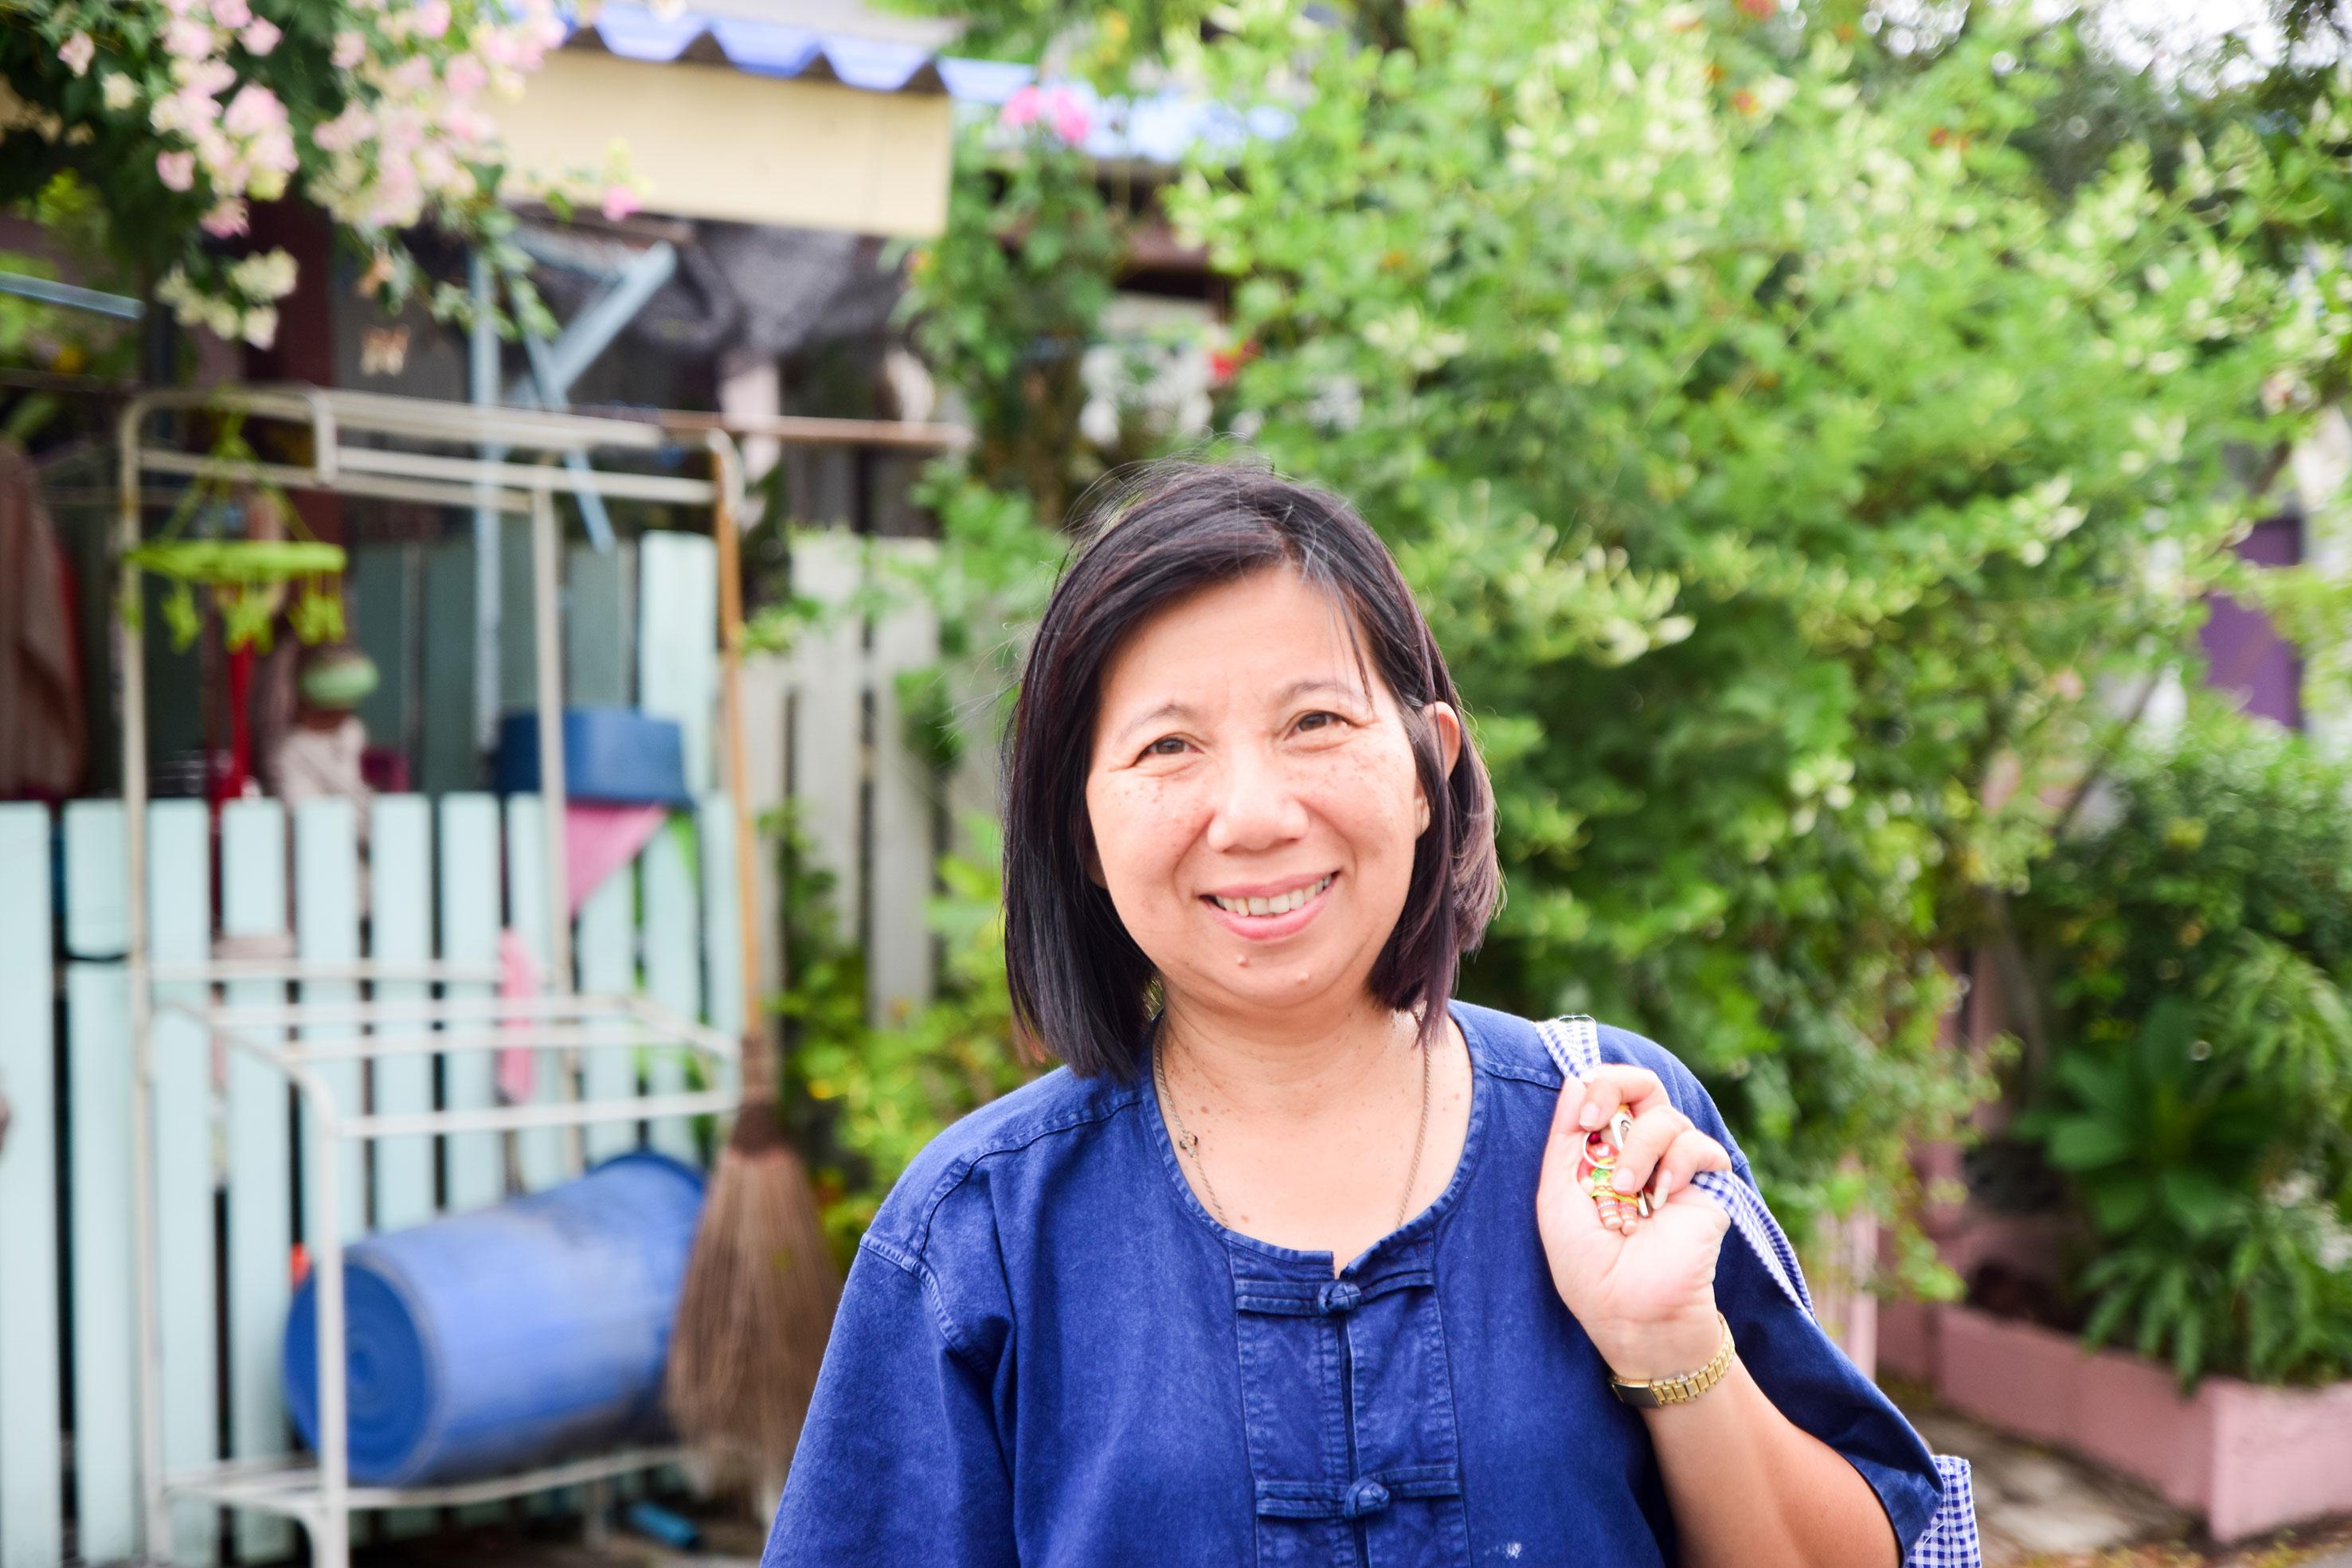 บ้านมั่นคงชุมชนกาเลี้ยงลูก